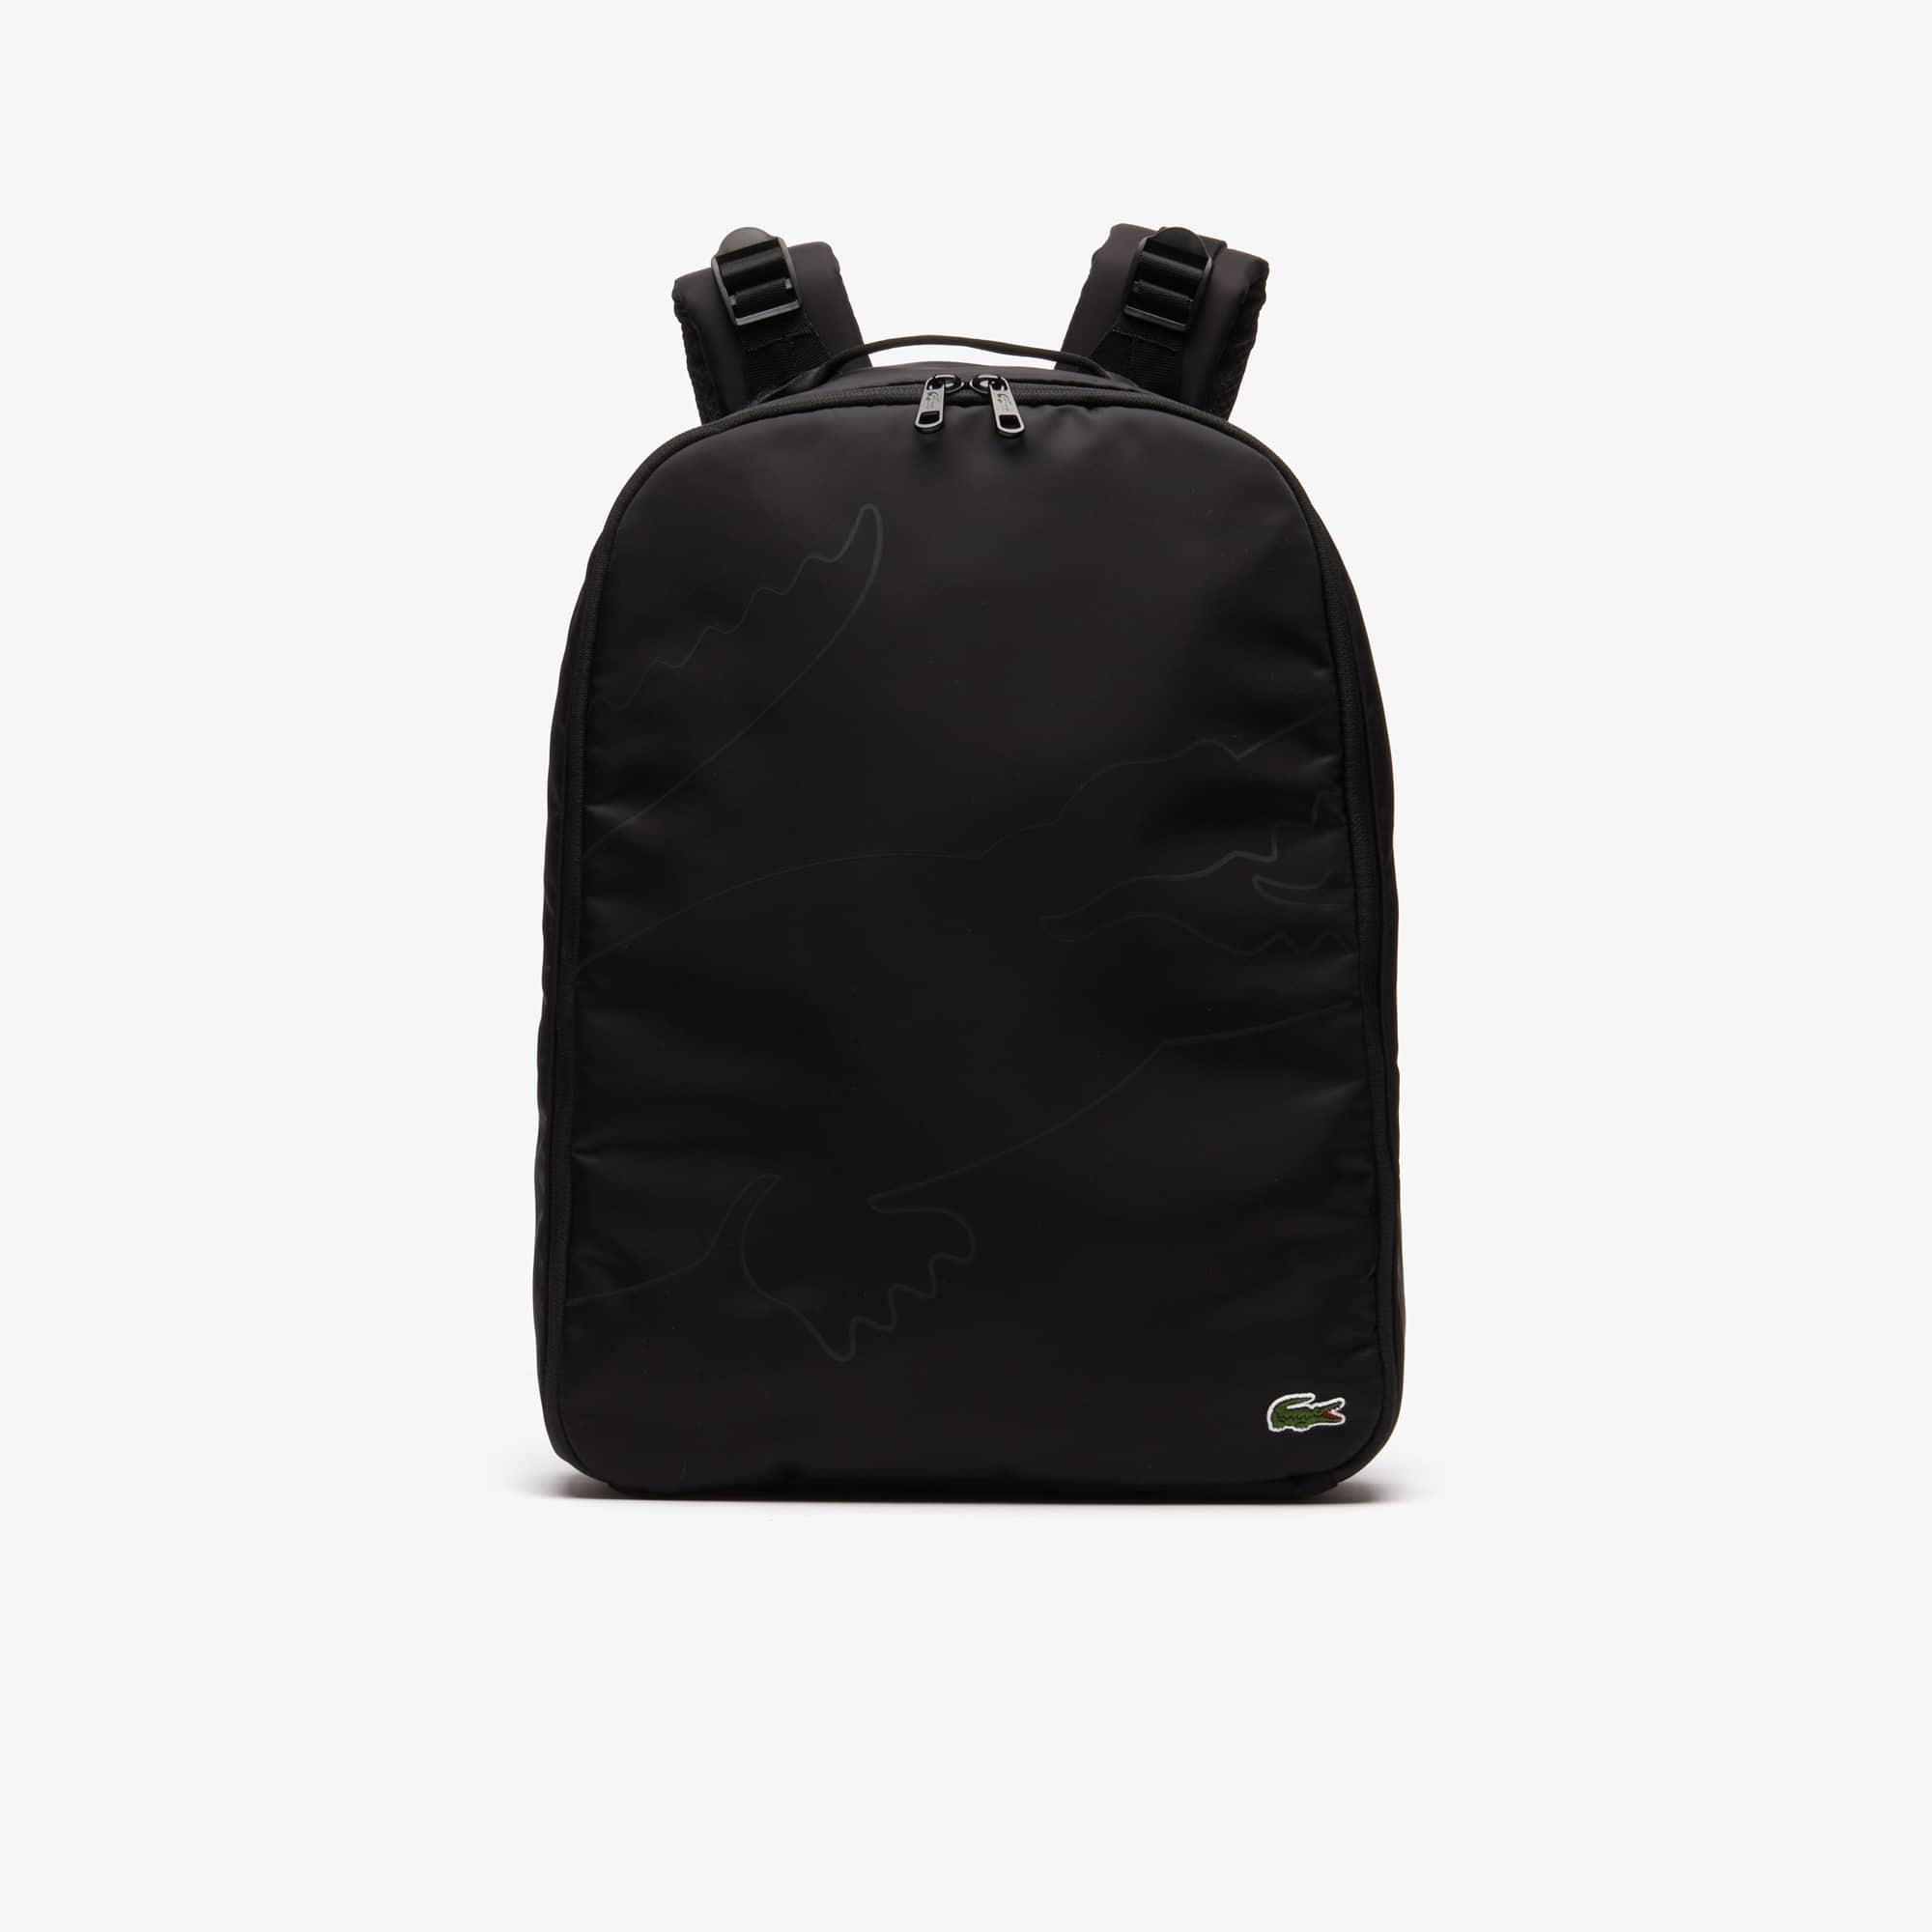 라코스테 오버사이즈 크록 캔버스 백팩 Lacoste Mens Oversized Croc Canvas Backpack,BLACK